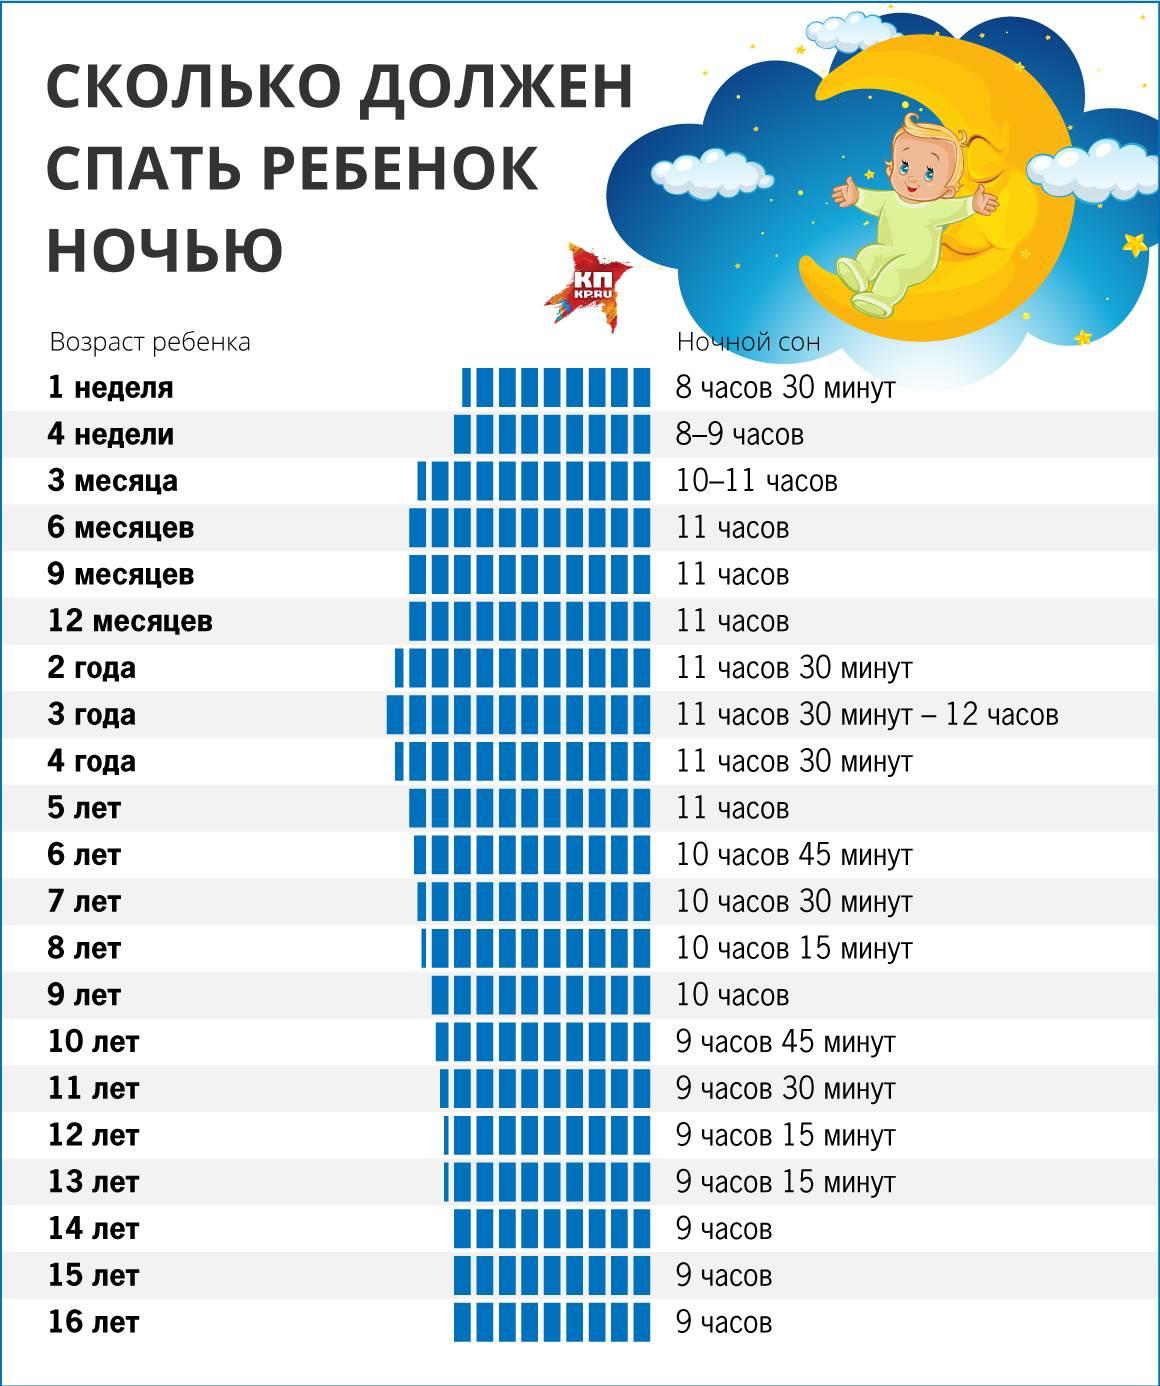 Сколько ребенок спит в 1-12 месяцев жизни - режим дневного и ночного сна